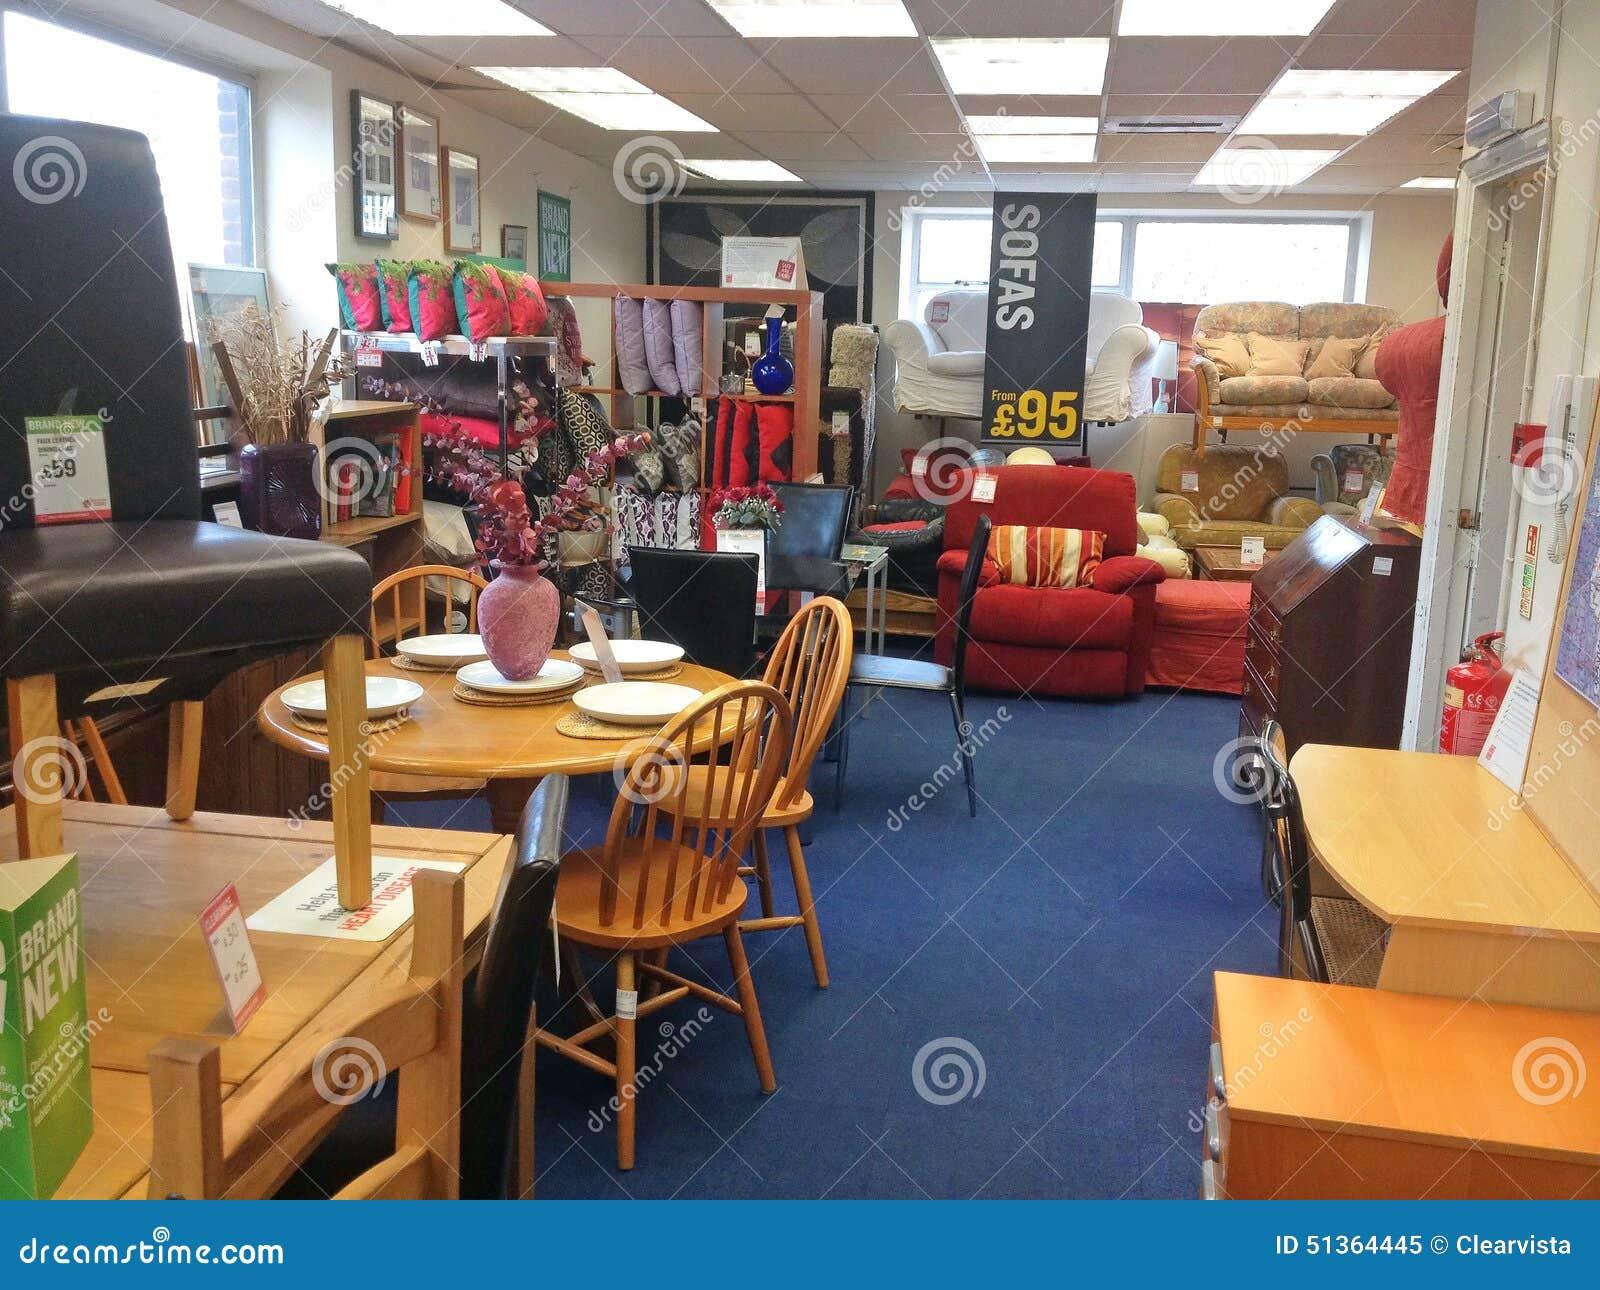 Muebles sefunda mano obtenga ideas dise o de muebles for Muebles de segunda mano valencia particulares